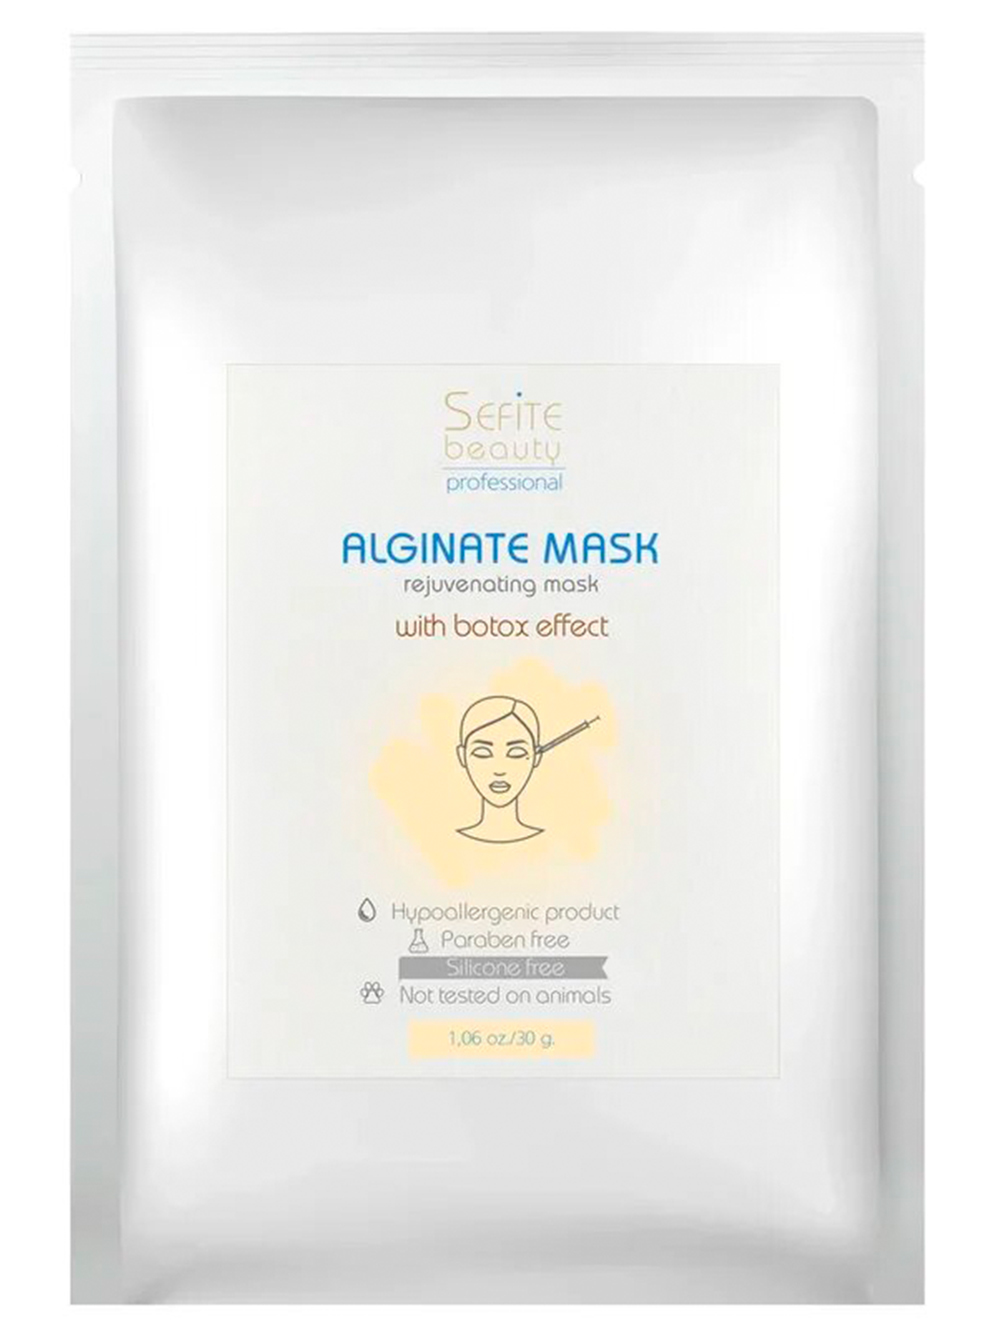 Антивозрастная альгинатная маска с эффектом ботокса, 30гр.